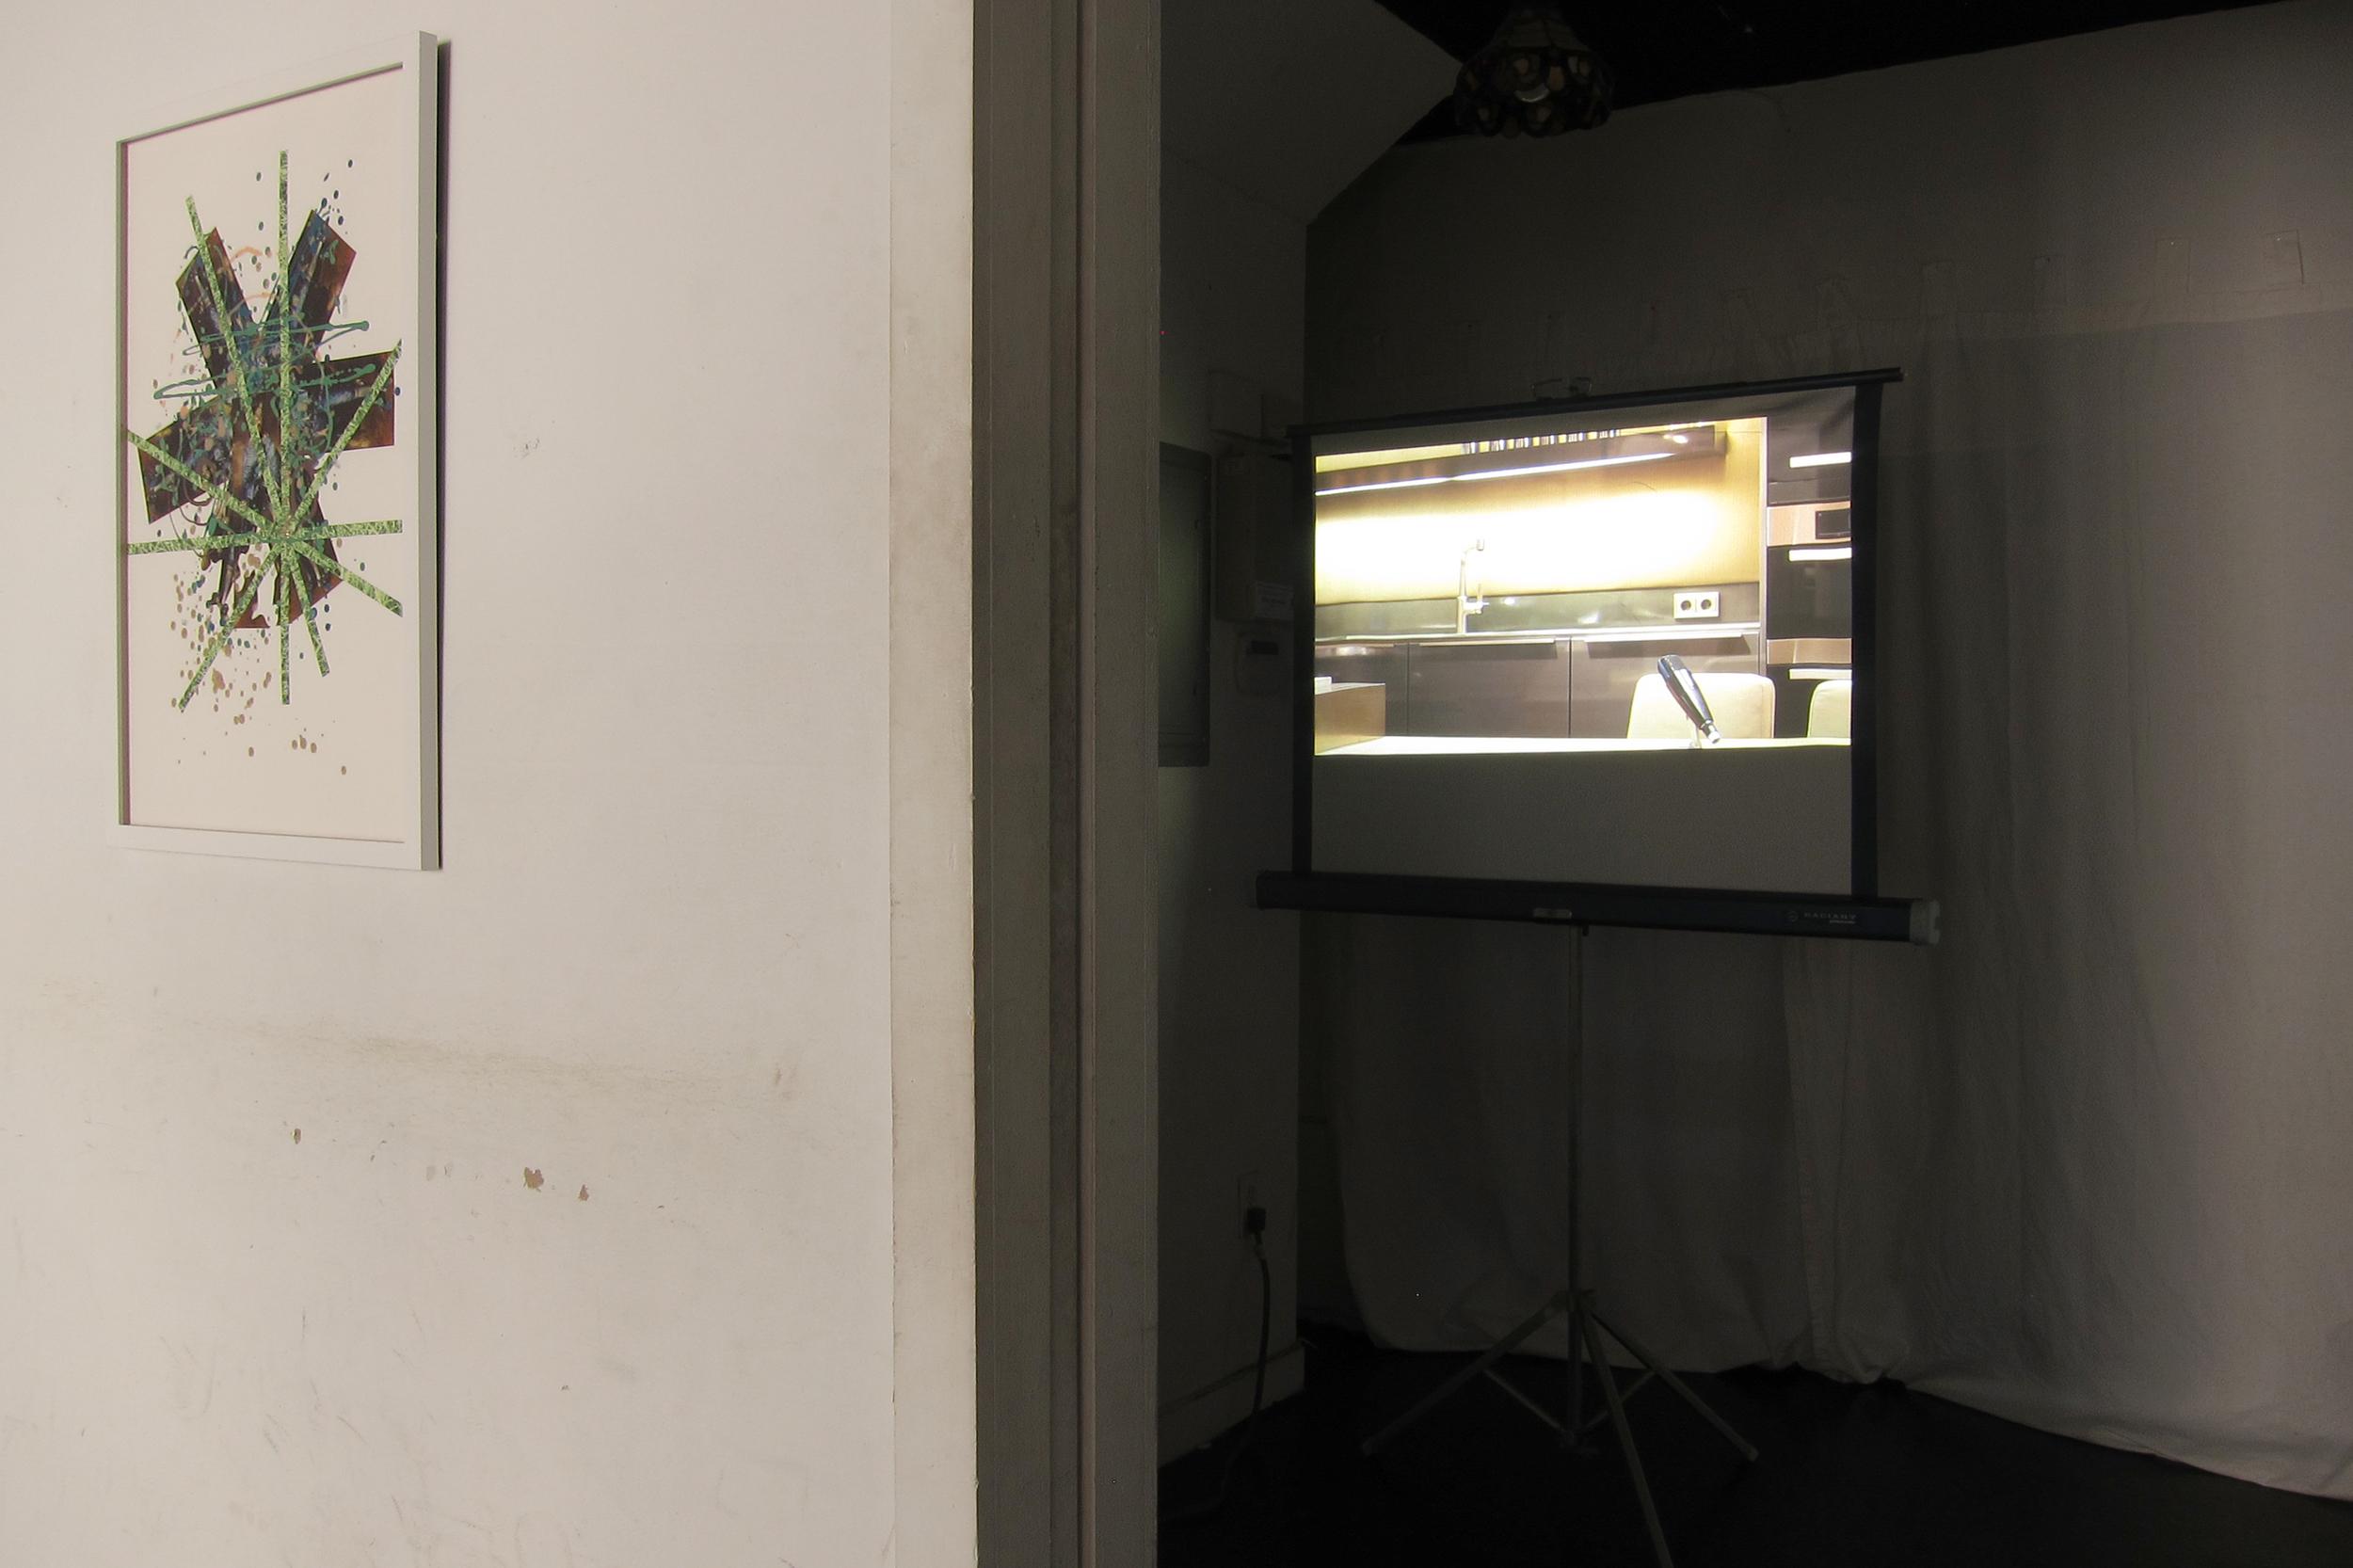 Starschnitt, Kai Matsumiya Gallery, Photo by Markues_06.jpg